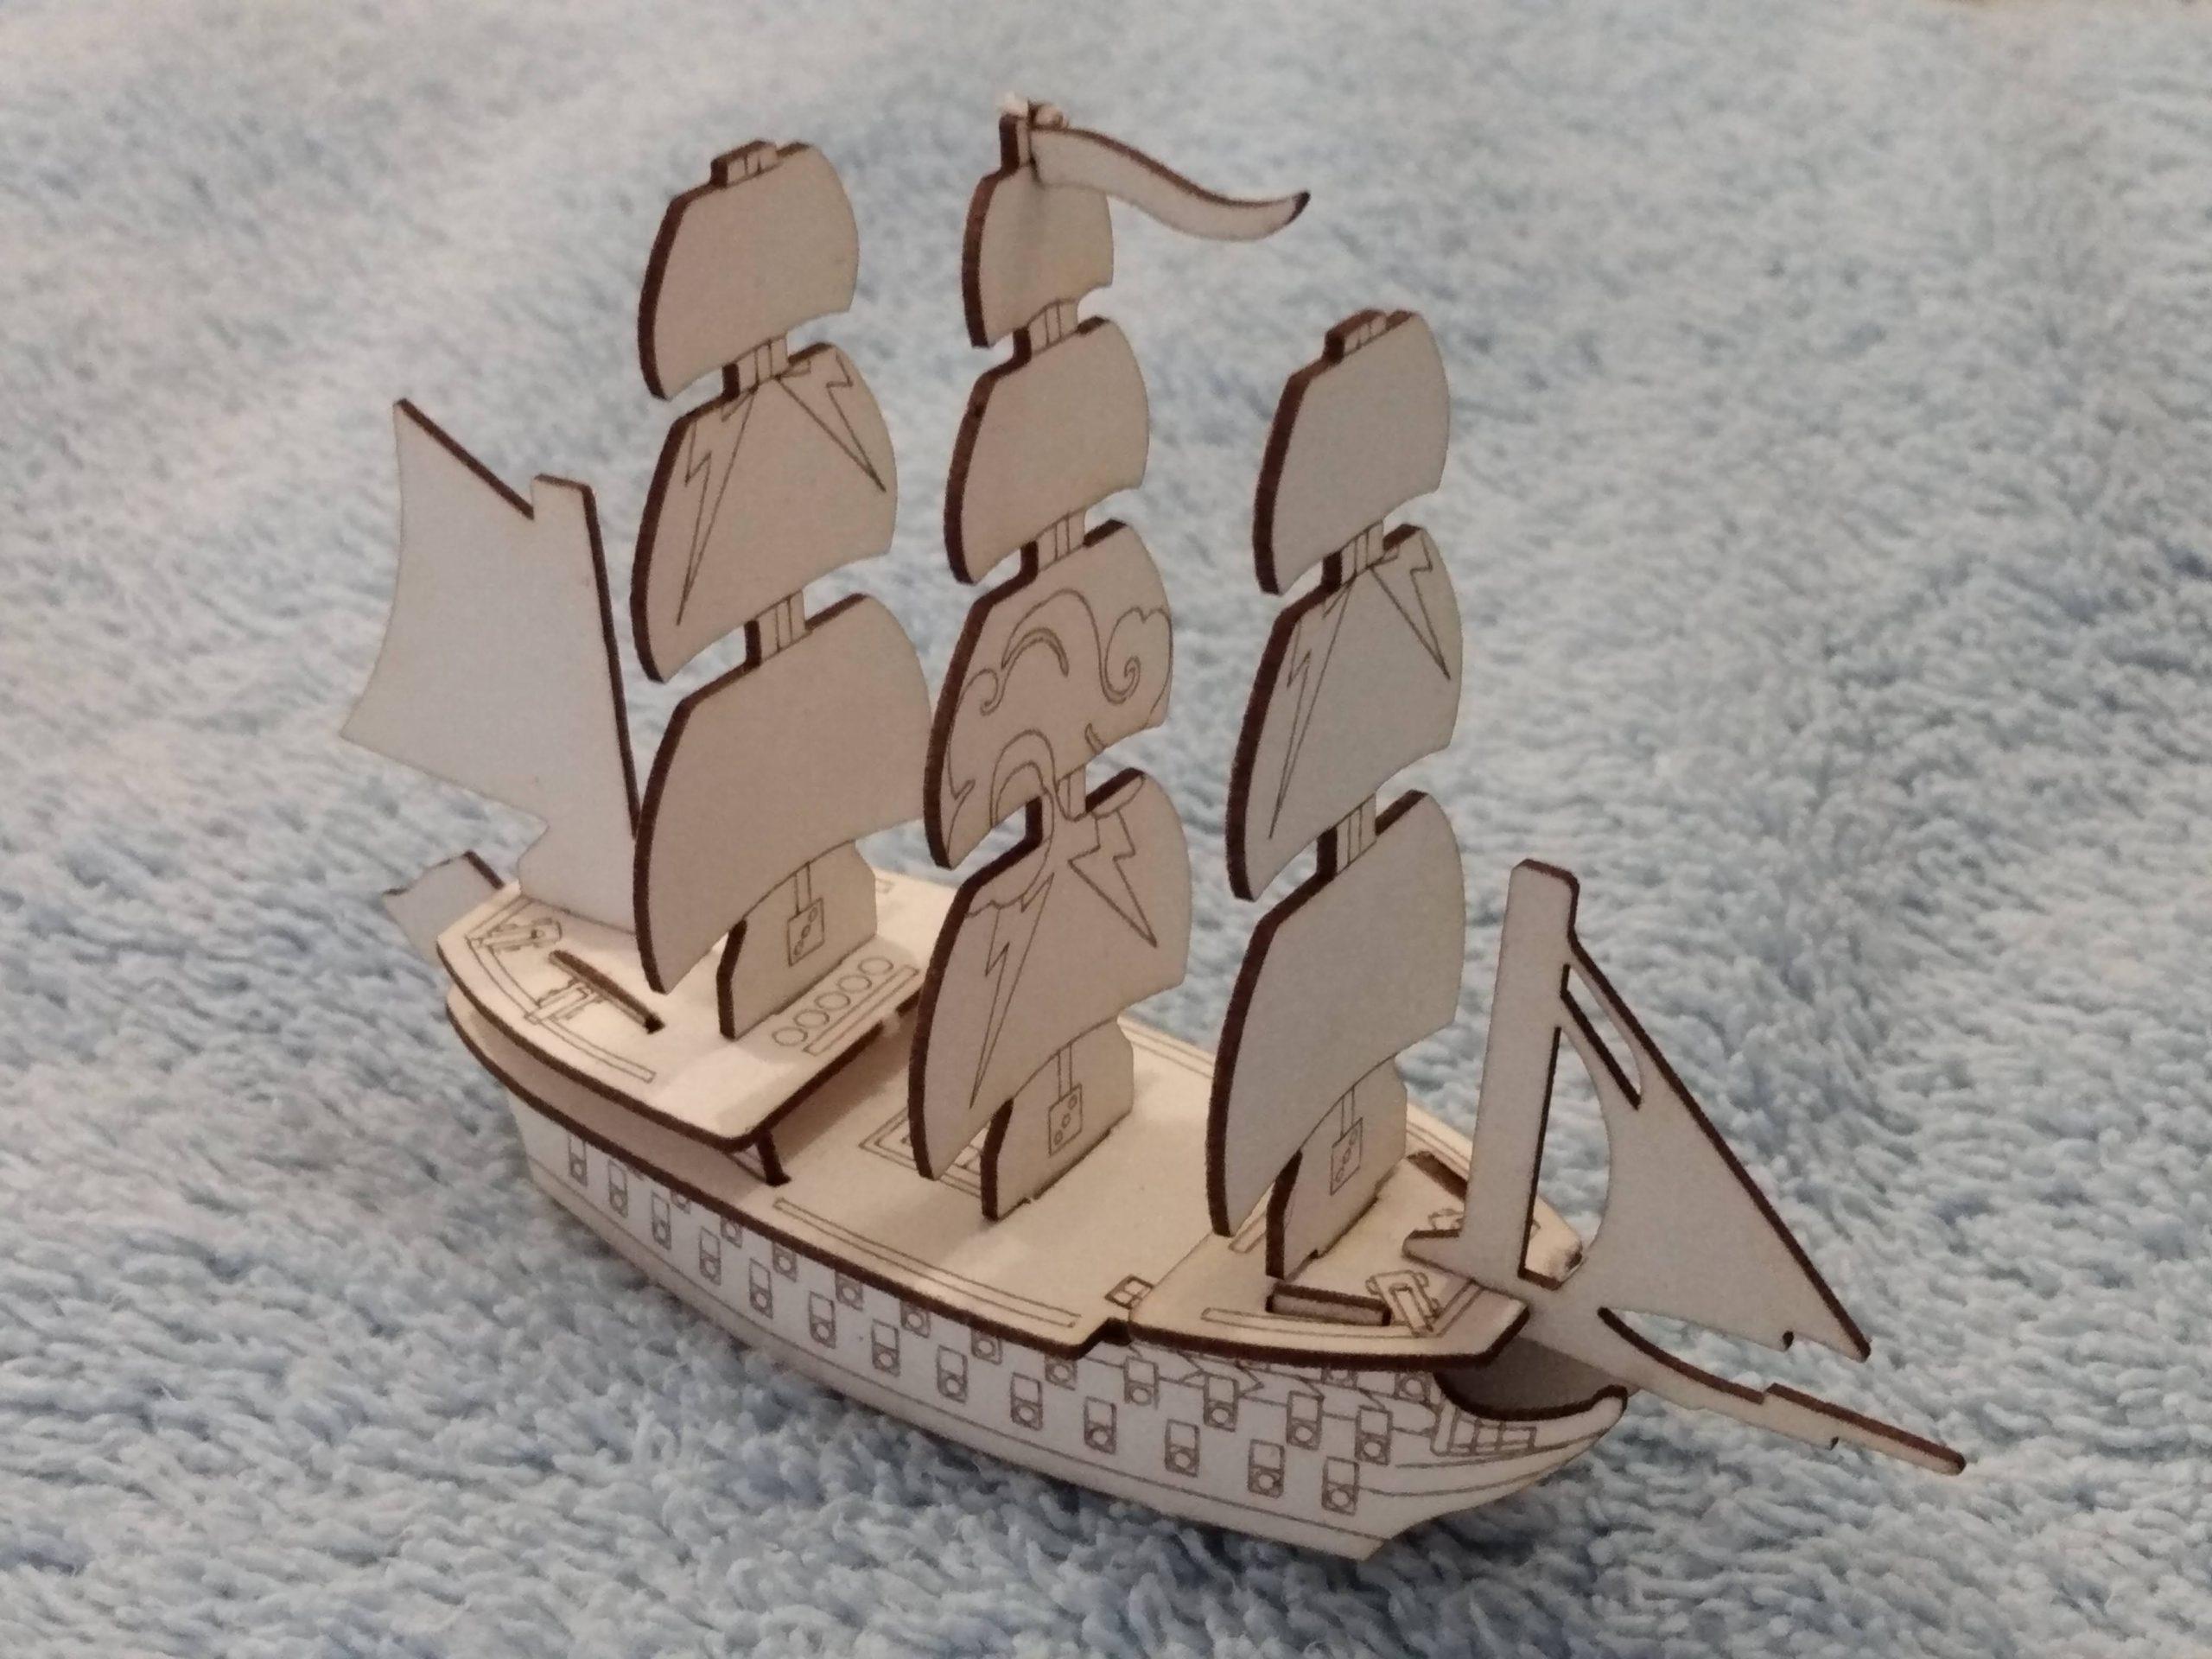 Tempest custom ship